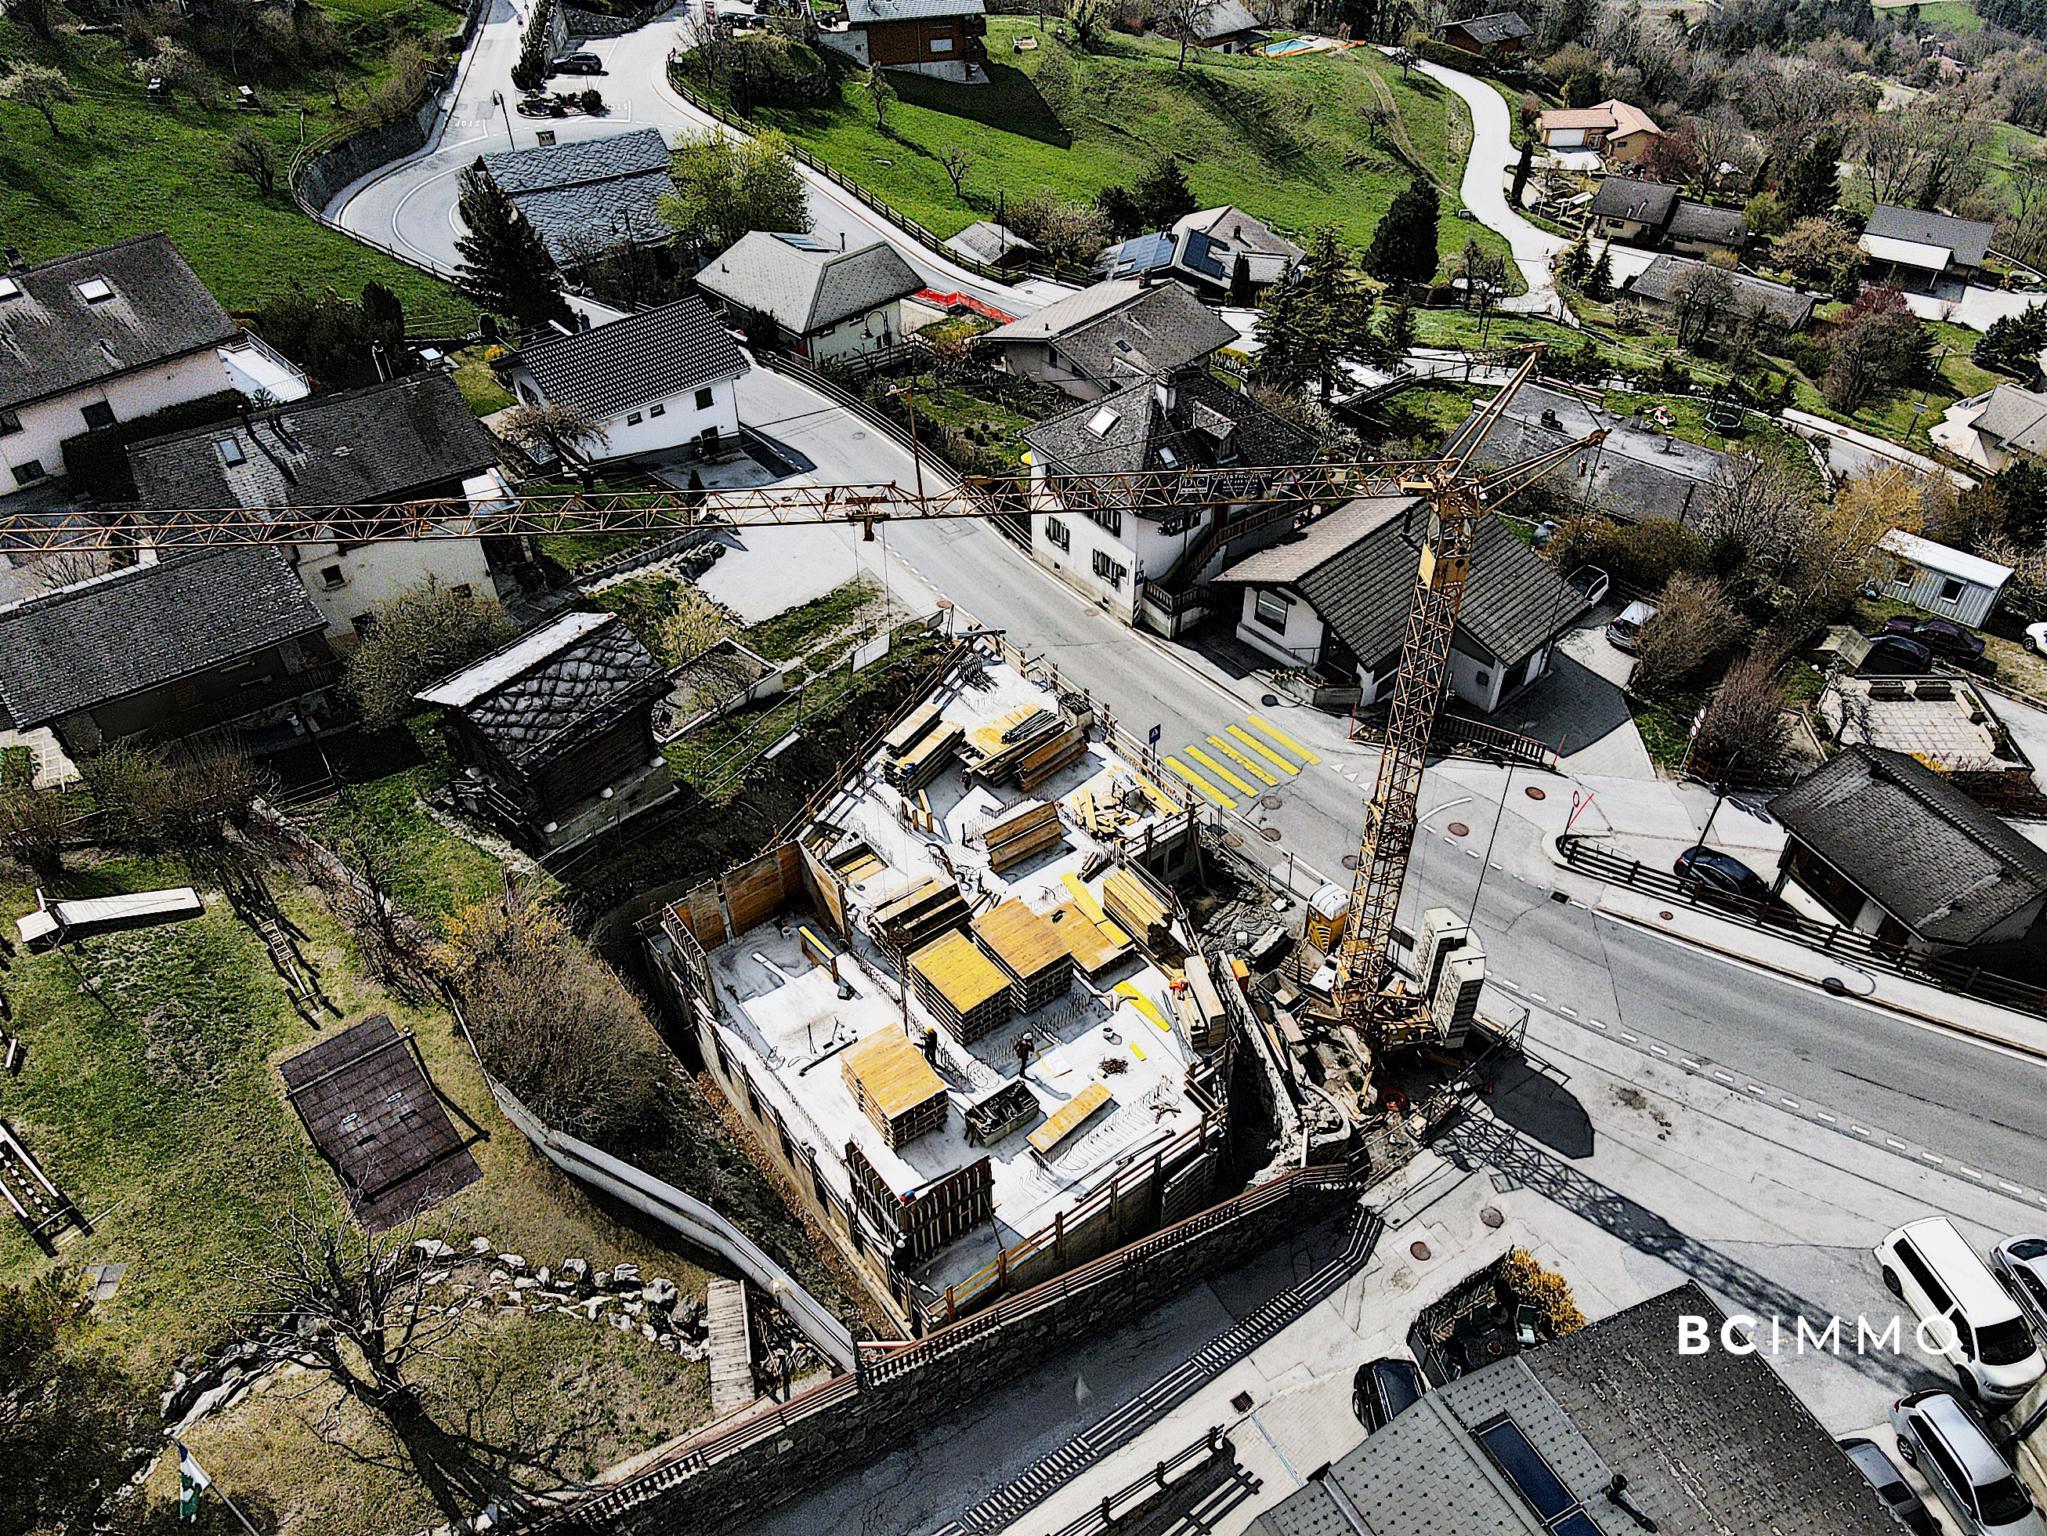 BC Immo - La Maison d'Adrien - 4.5 à l'étage - DC4AICO77